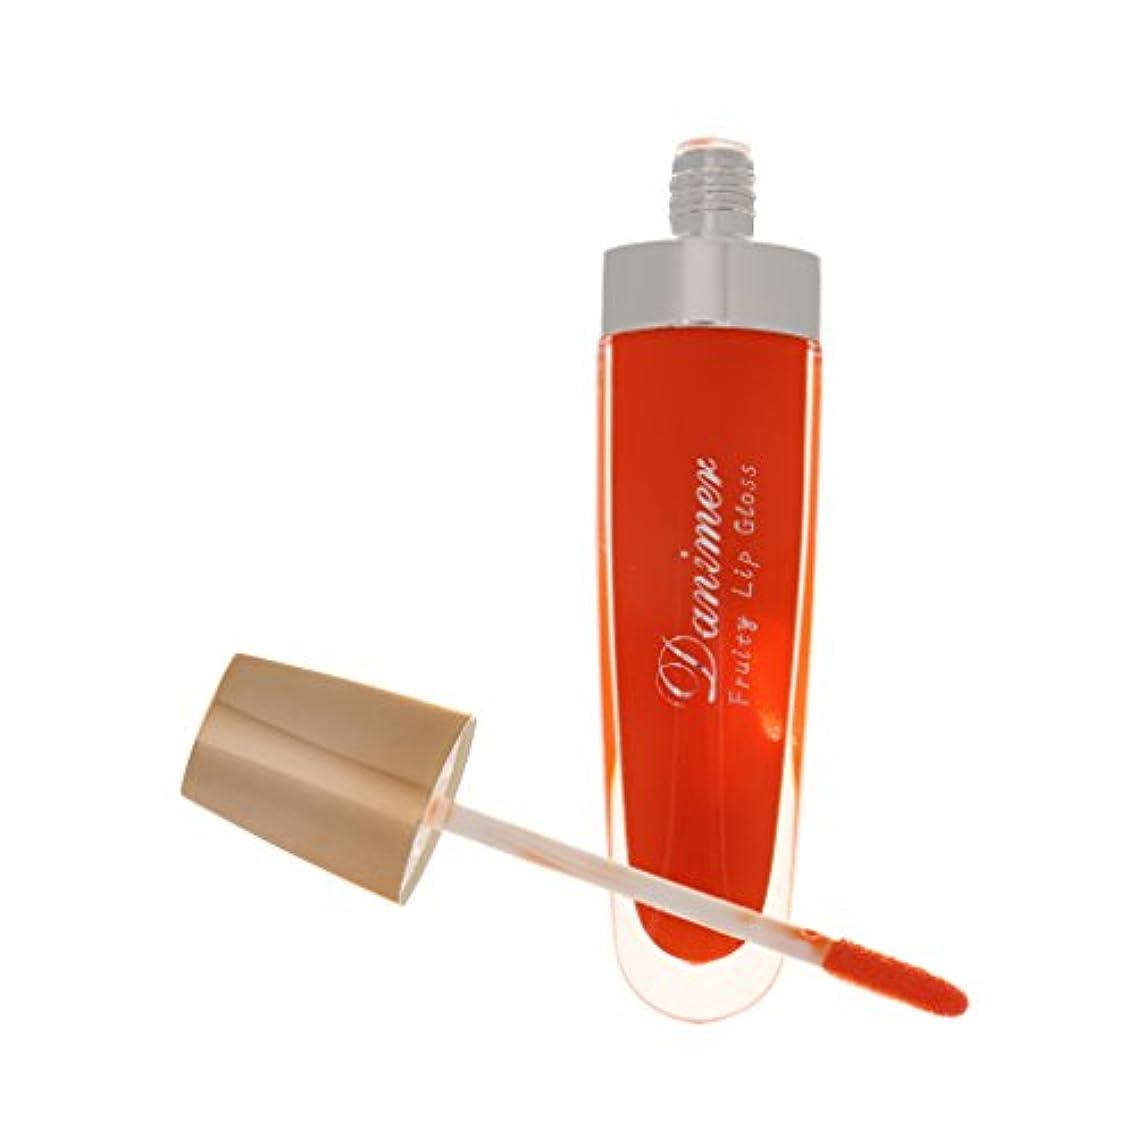 音節権限を与える実証するT TOOYFUL 口紅 リップグロス リップグレーズ リップスティック 速乾性 長続き メイク - #12